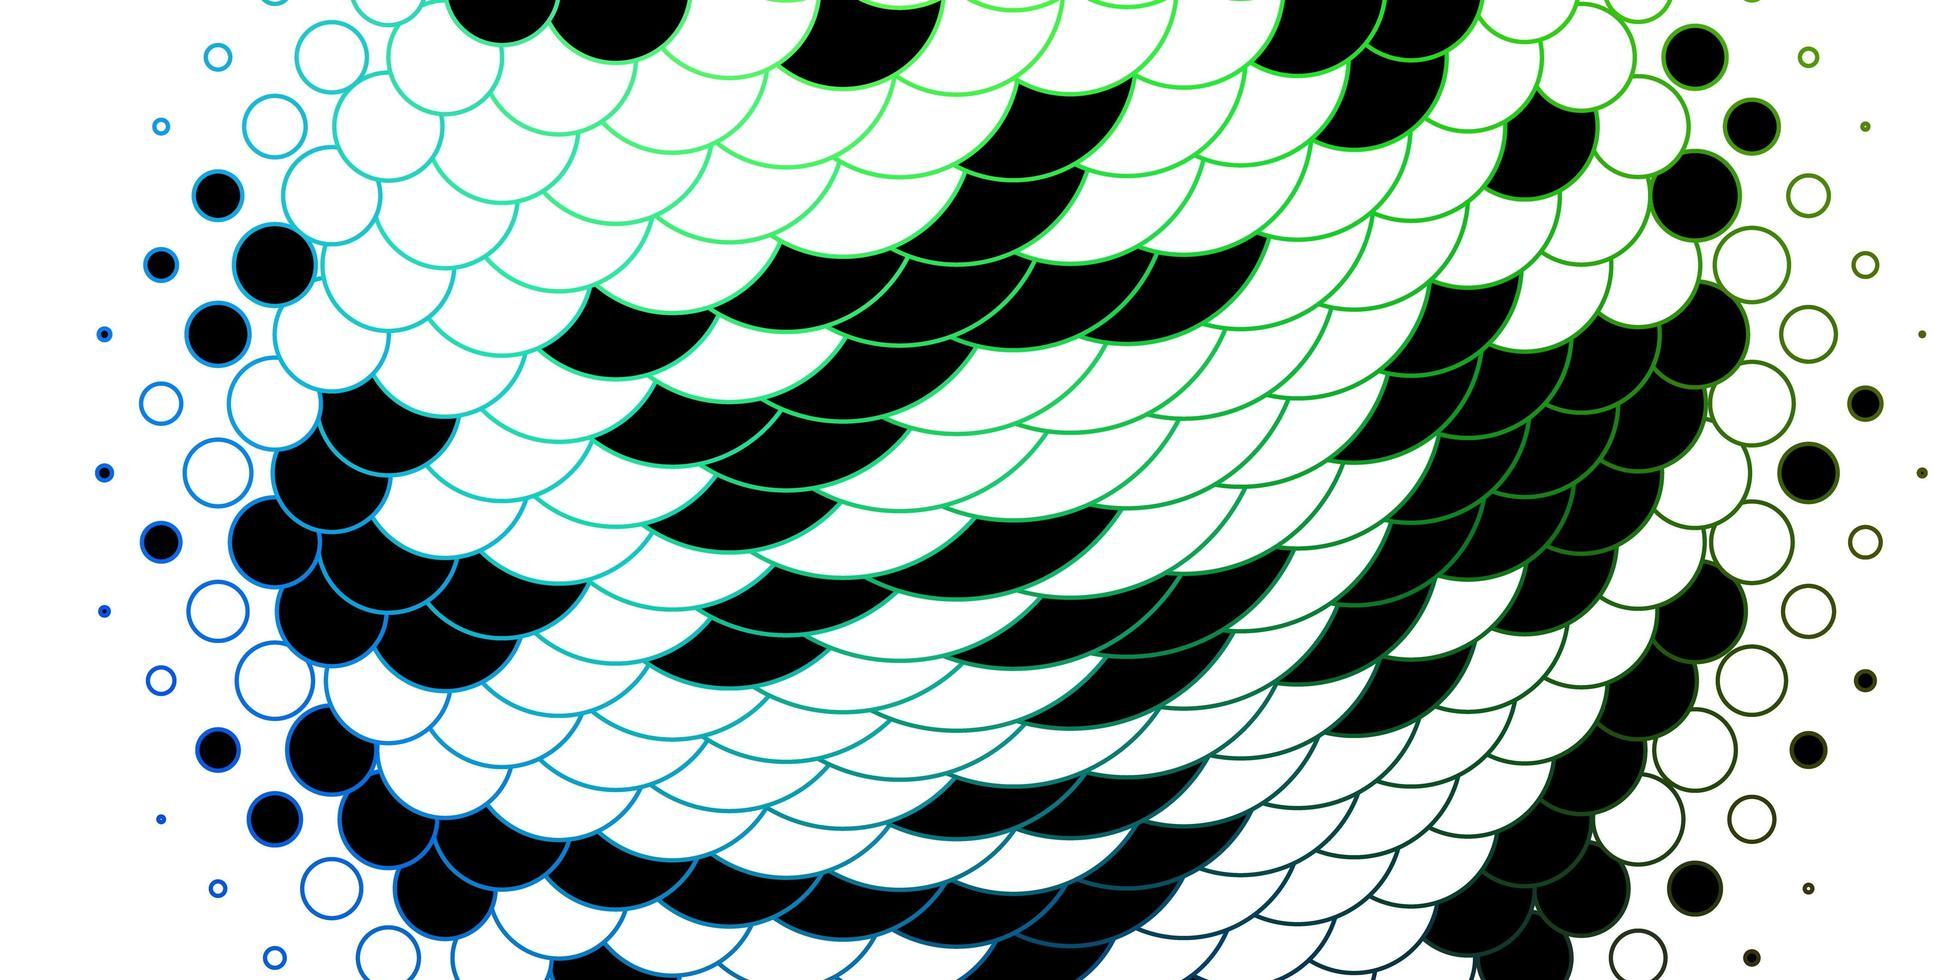 mörk flerfärgad vektormall med cirklar. vektor